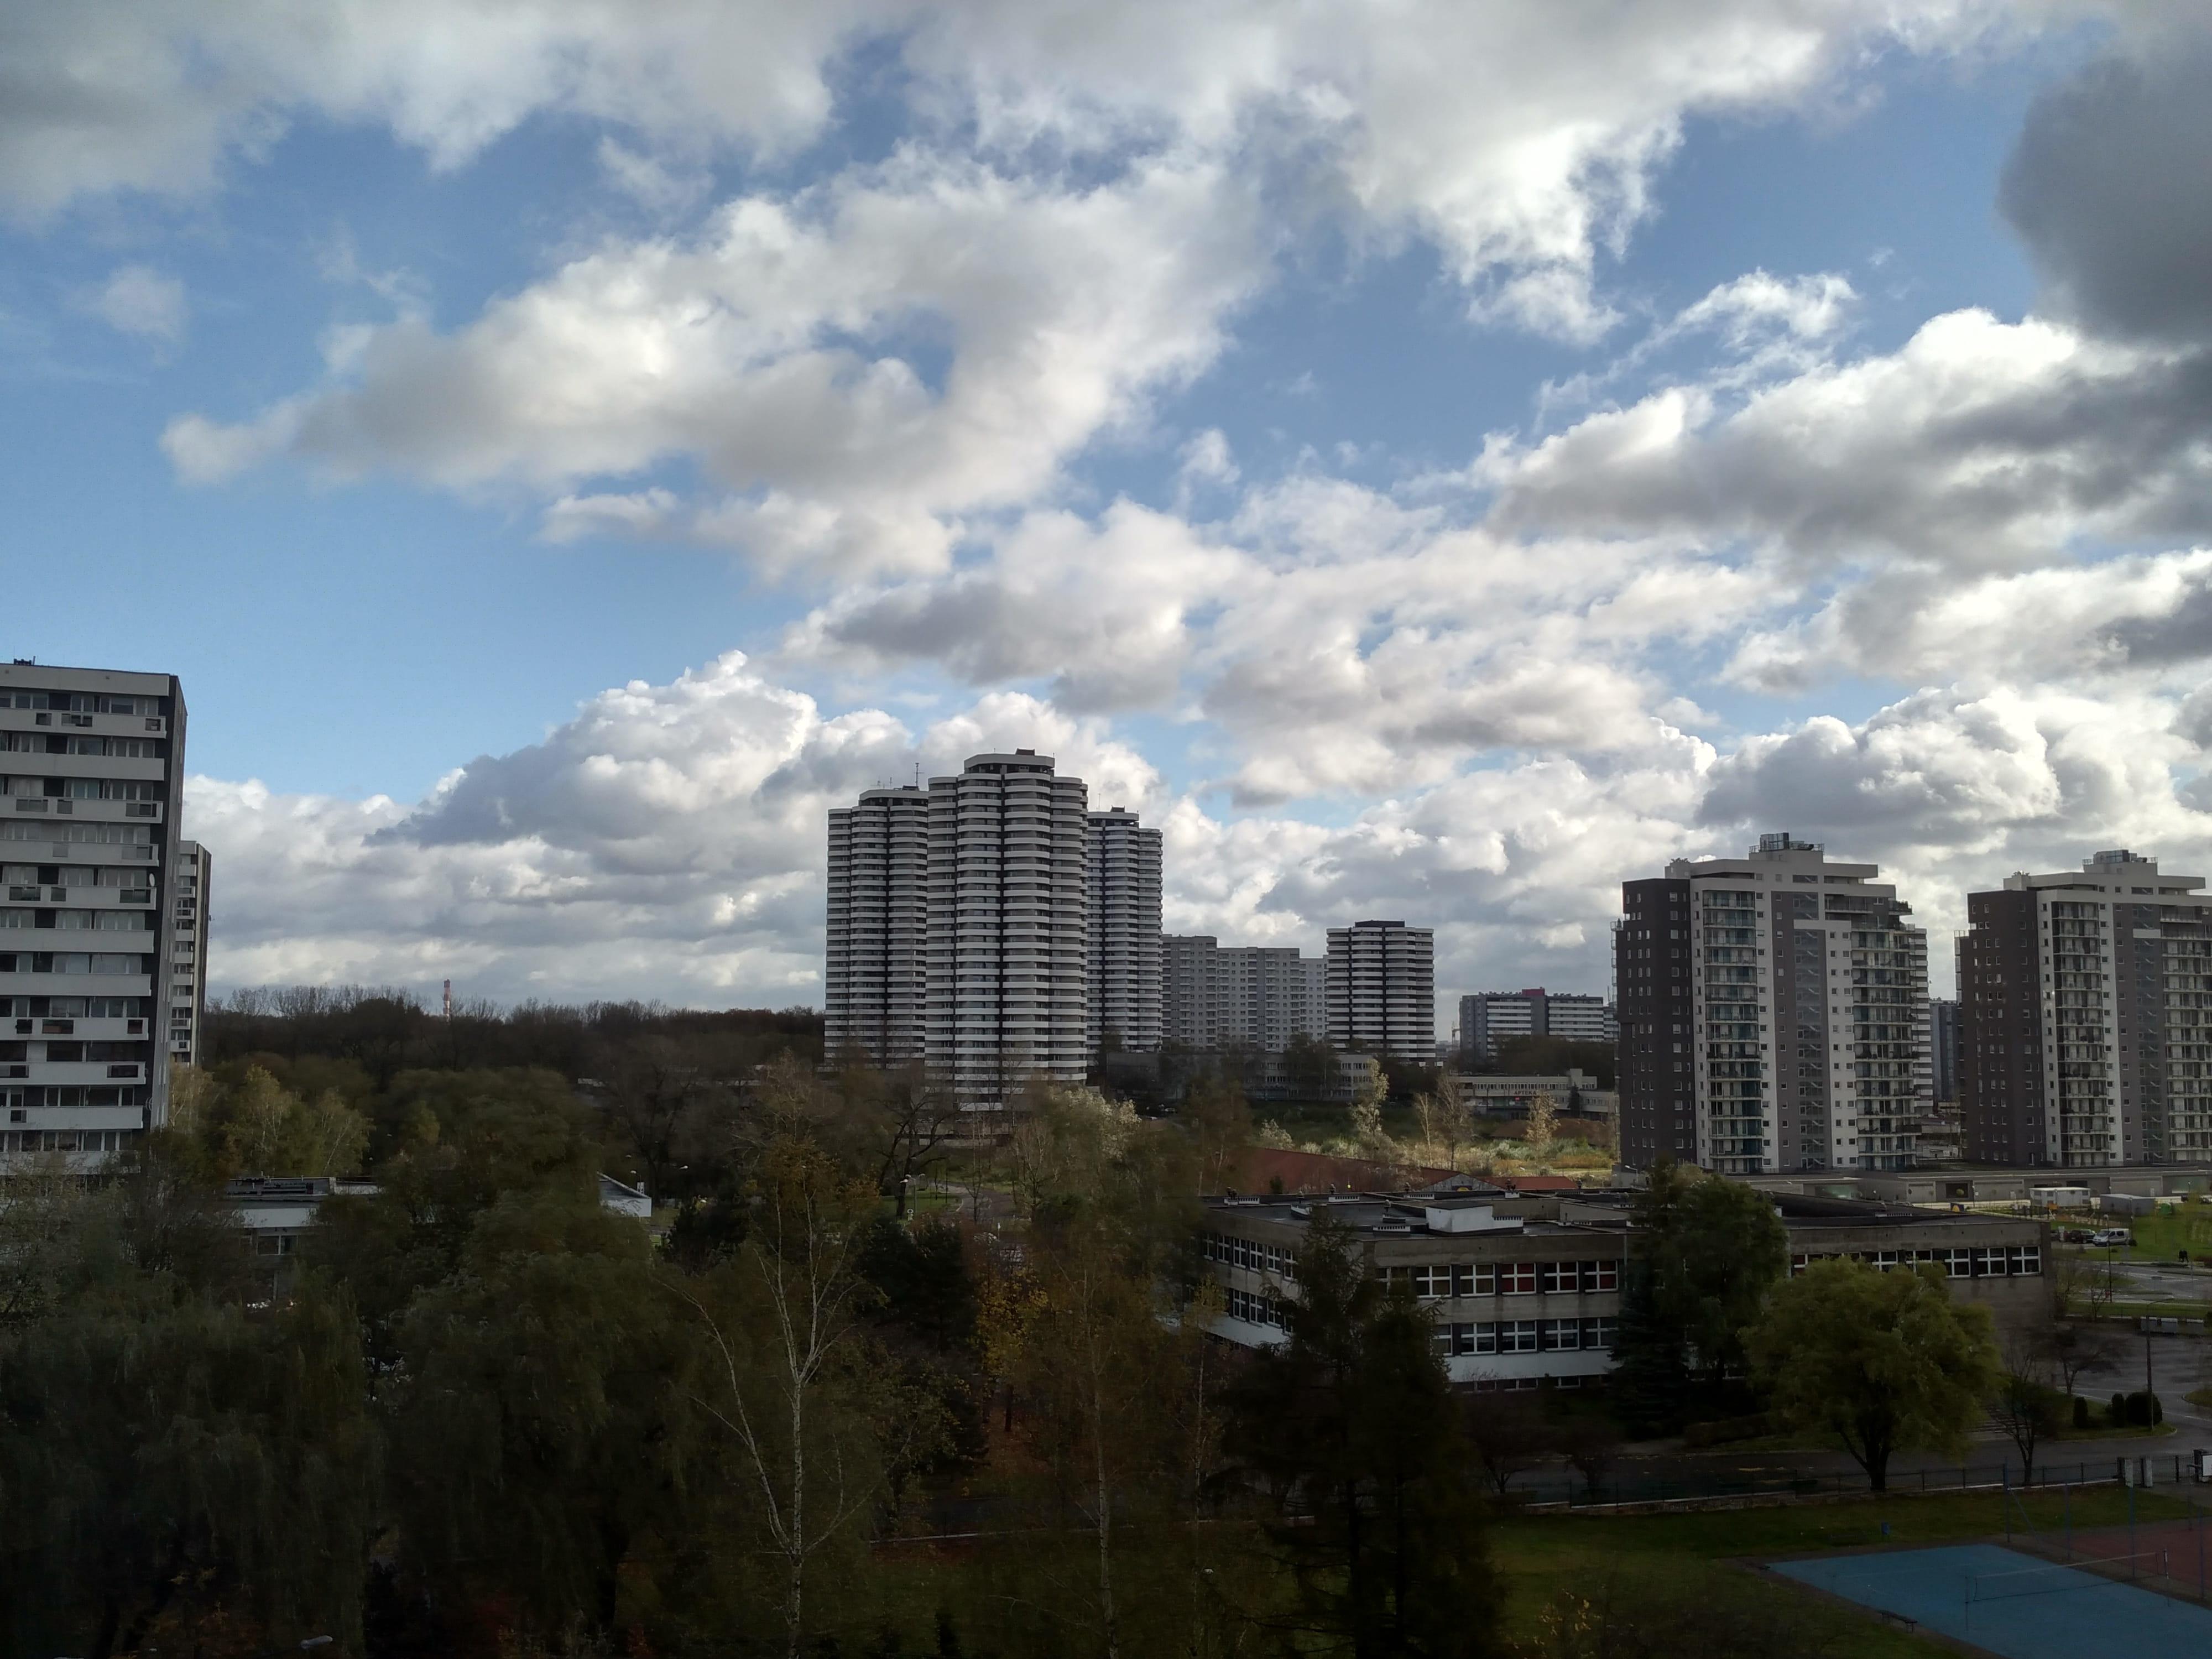 Słoneczna pogoda - Lenovo Phab 2 Pro